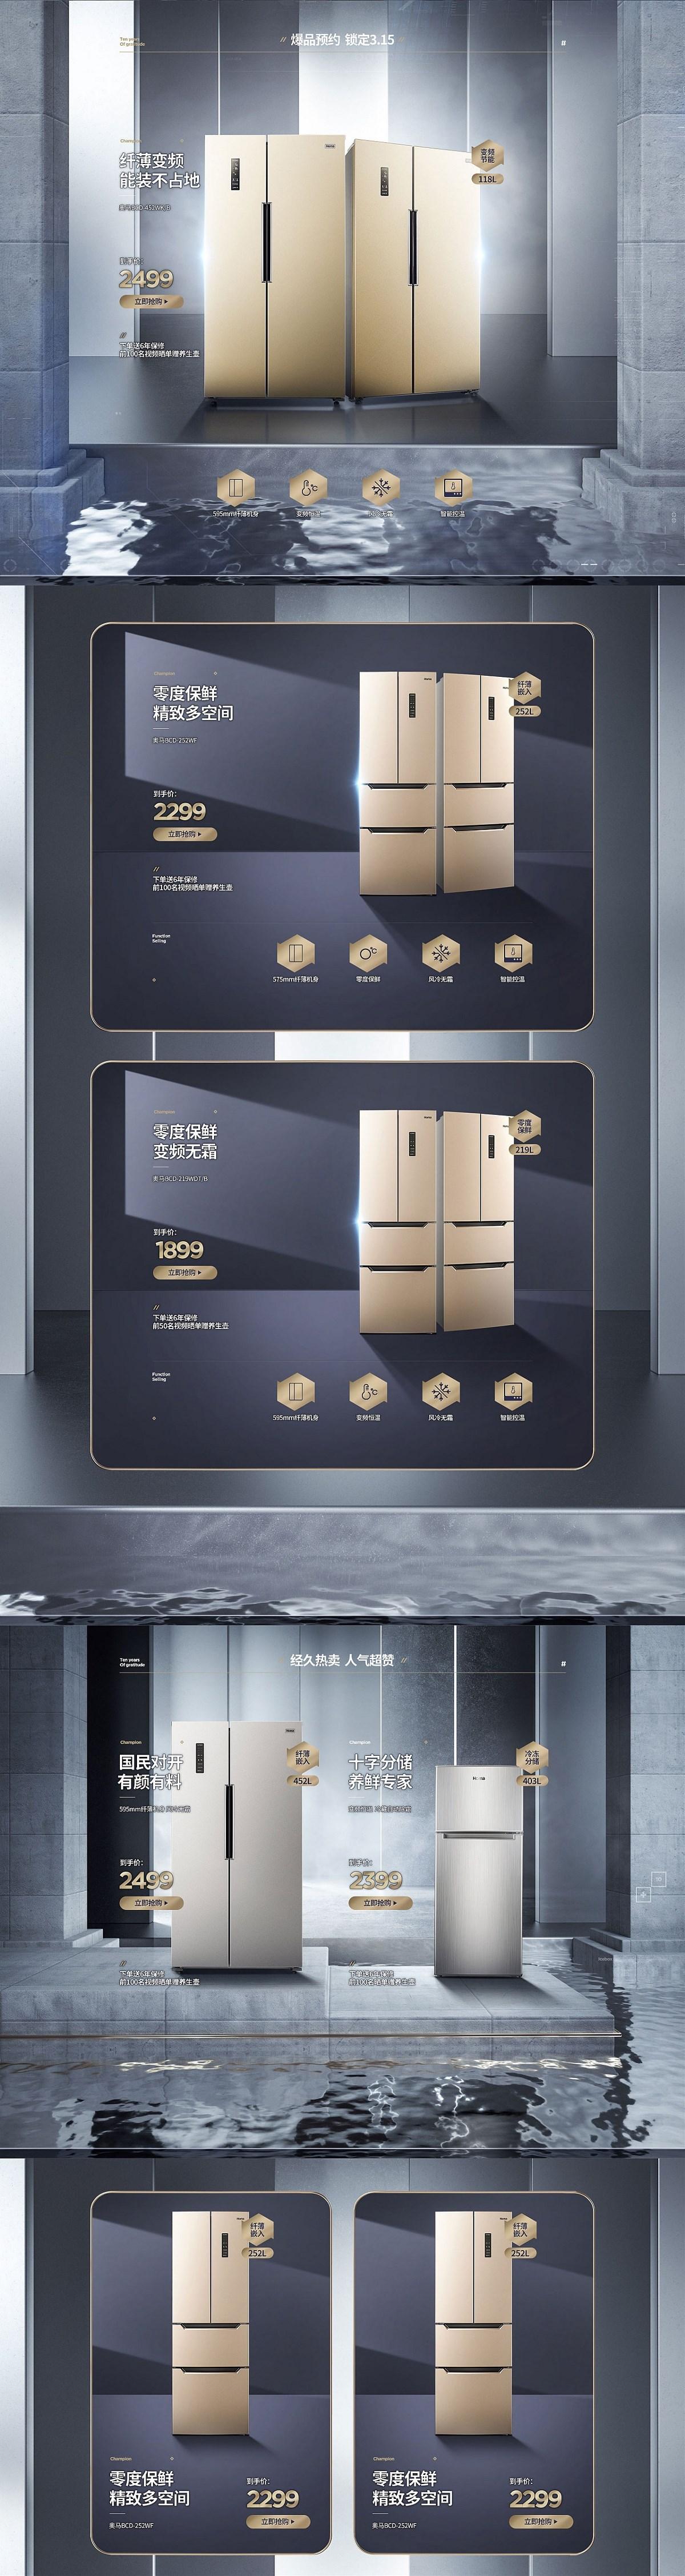 奥马冰箱品牌新视觉作品分享【汤臣杰逊】